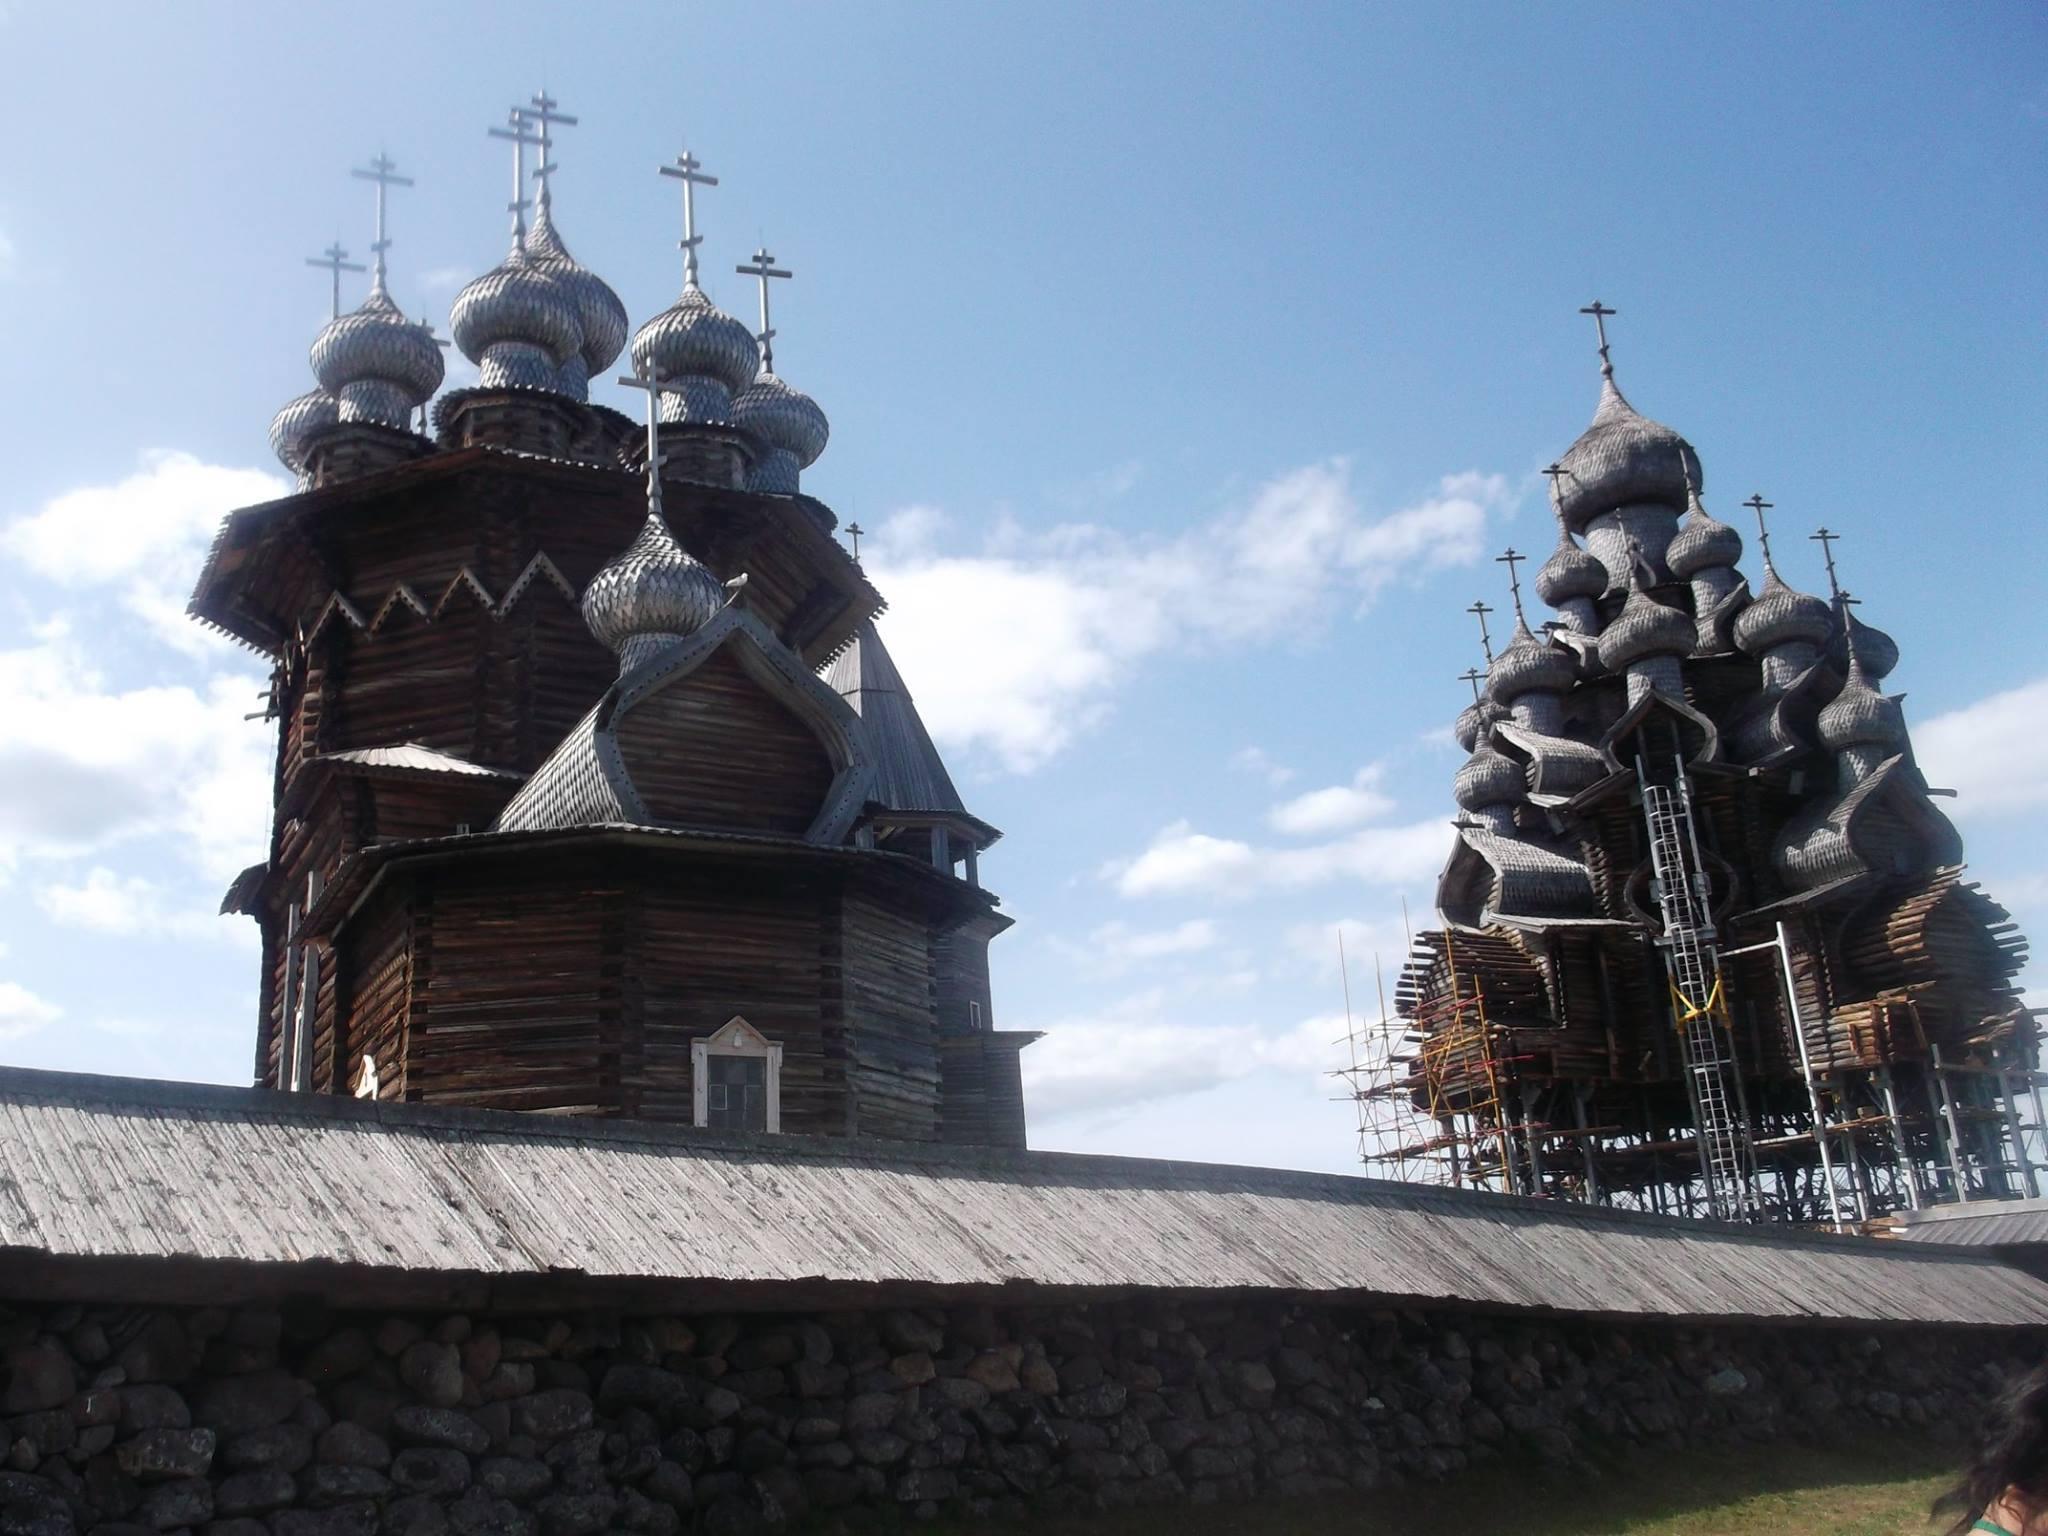 ロシア・世界遺産のキジ島で300周年イベントが開催